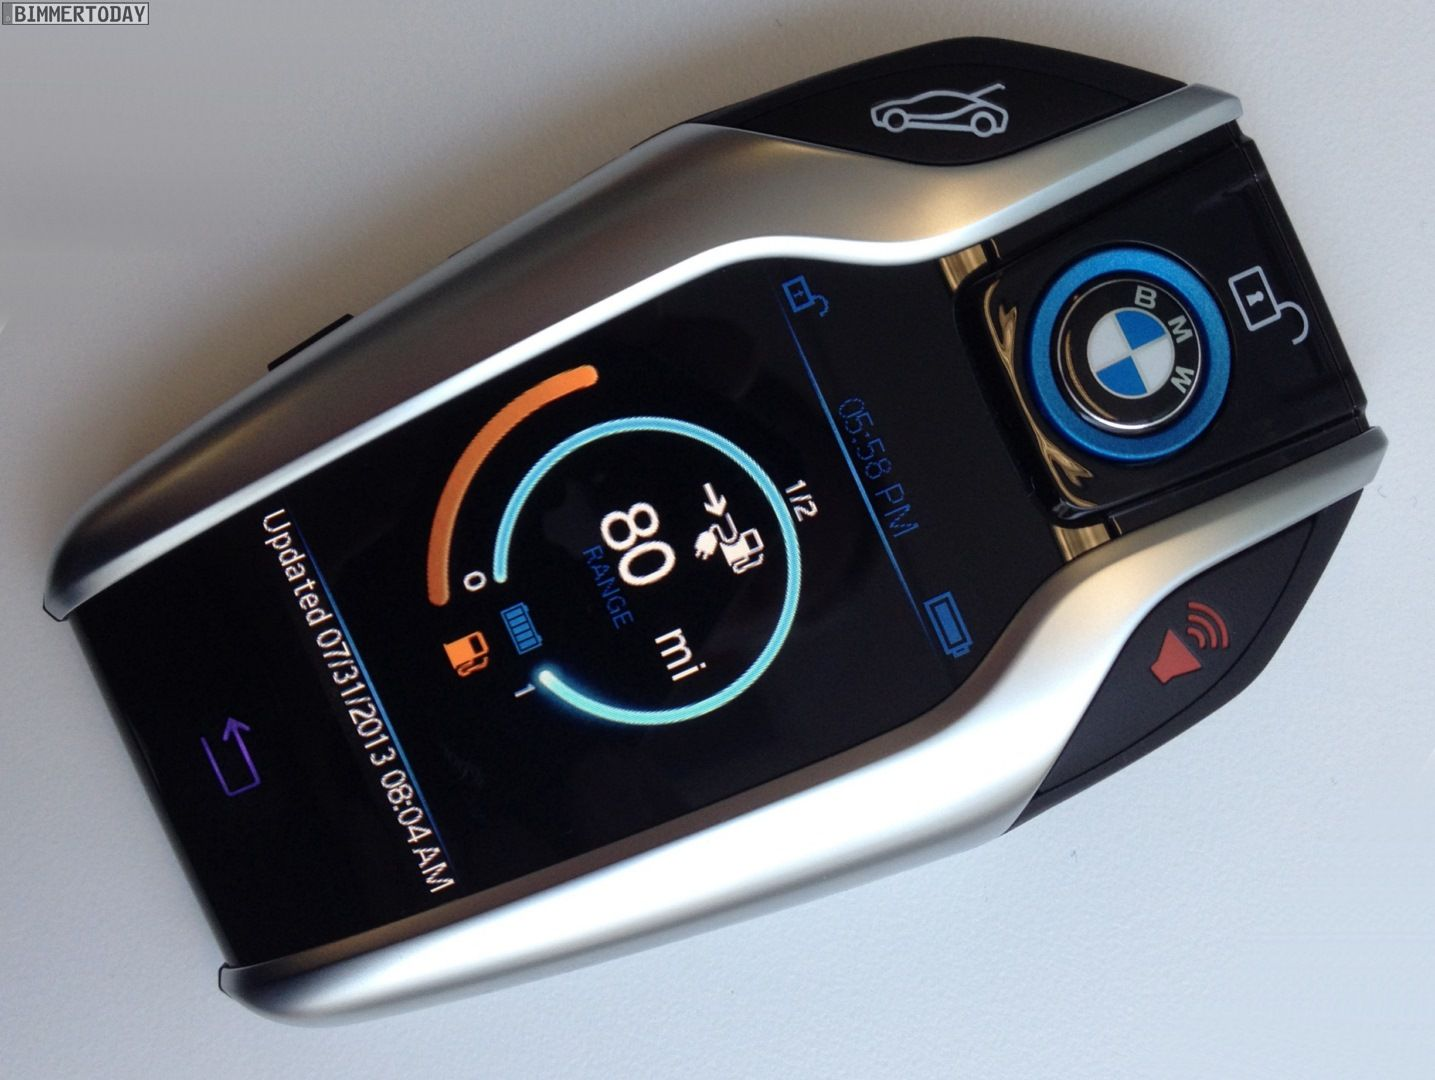 First official photos of BMW i8 Key fob Bmw key, Bmw i8, Bmw